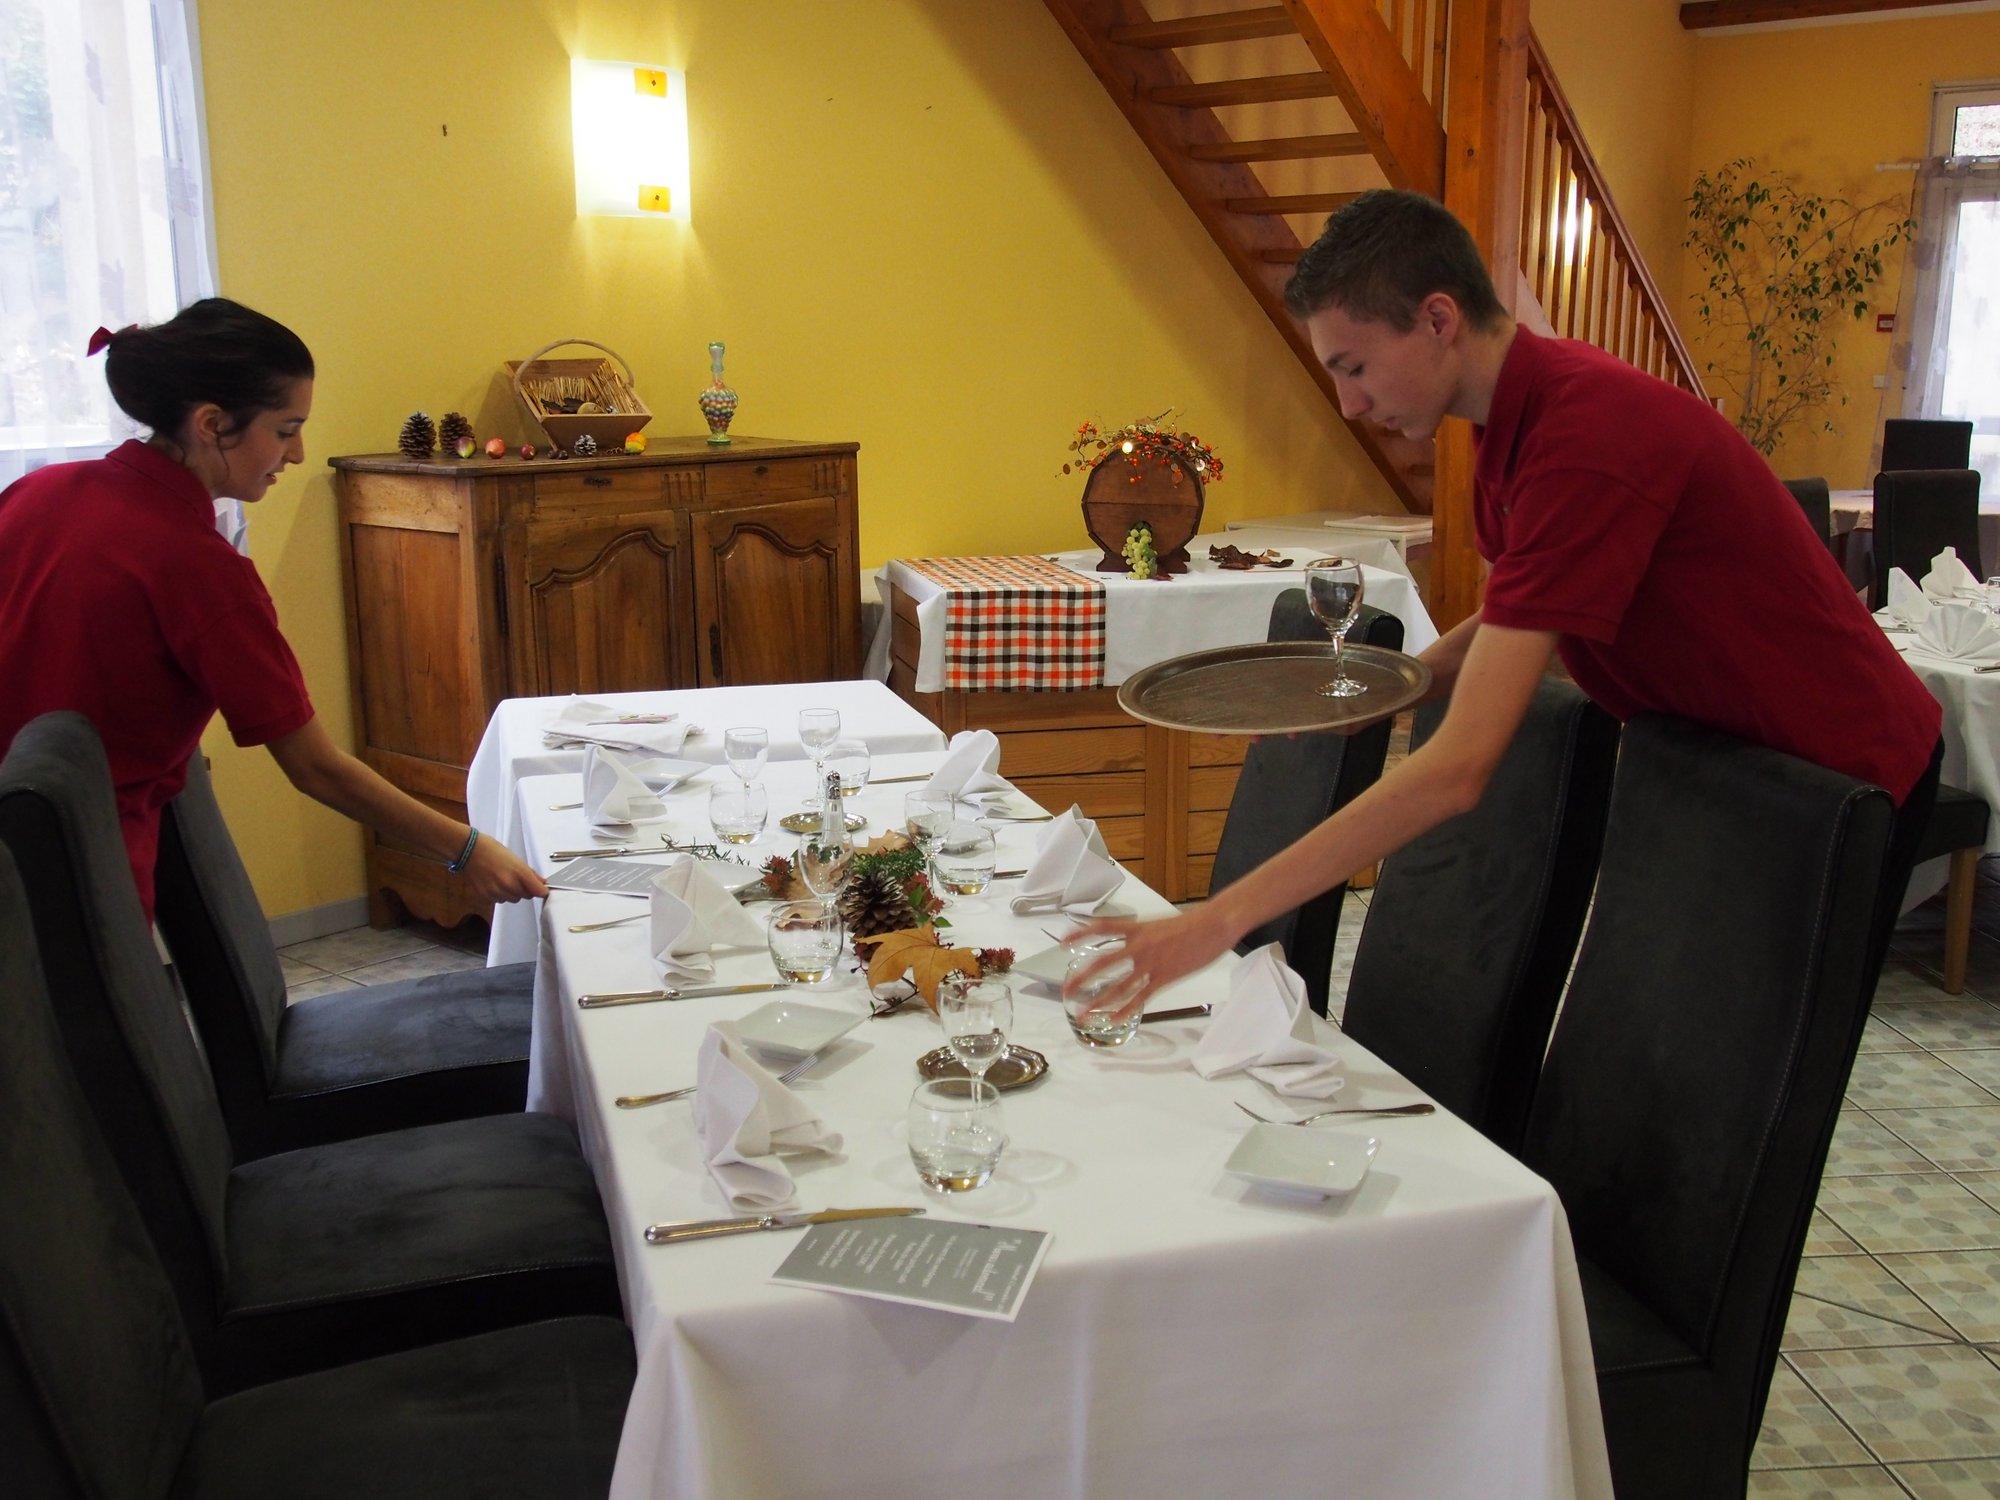 Bac pro csr ensemble scolaire priv saint joseph for Diplome restauration collective